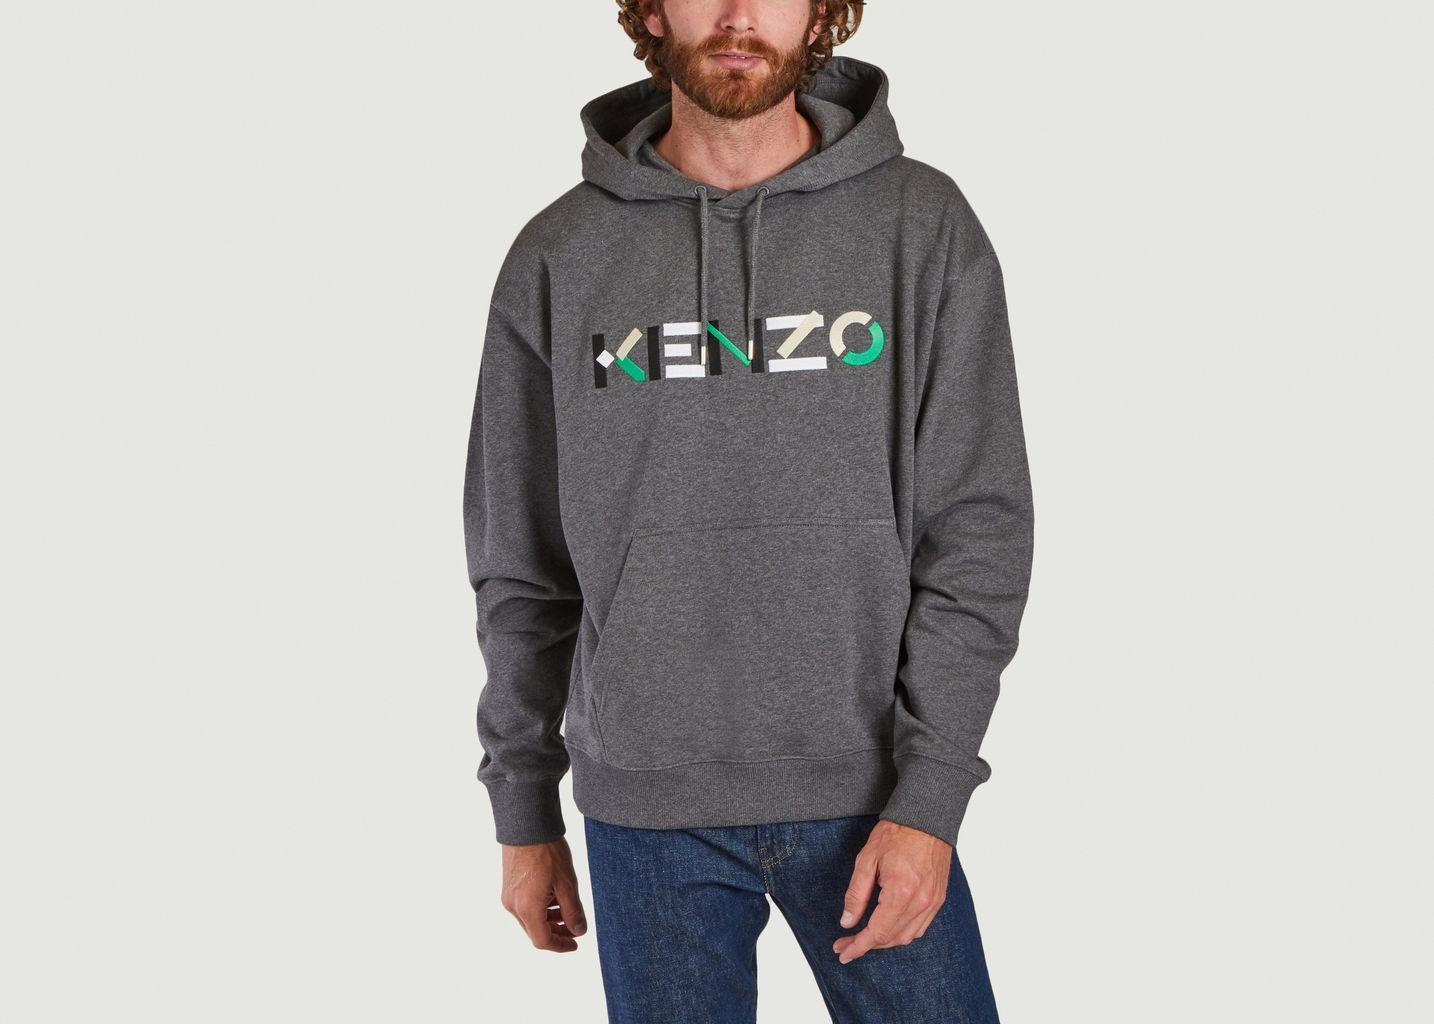 Sweatshirt Oversize Logo Kenzo  - Kenzo